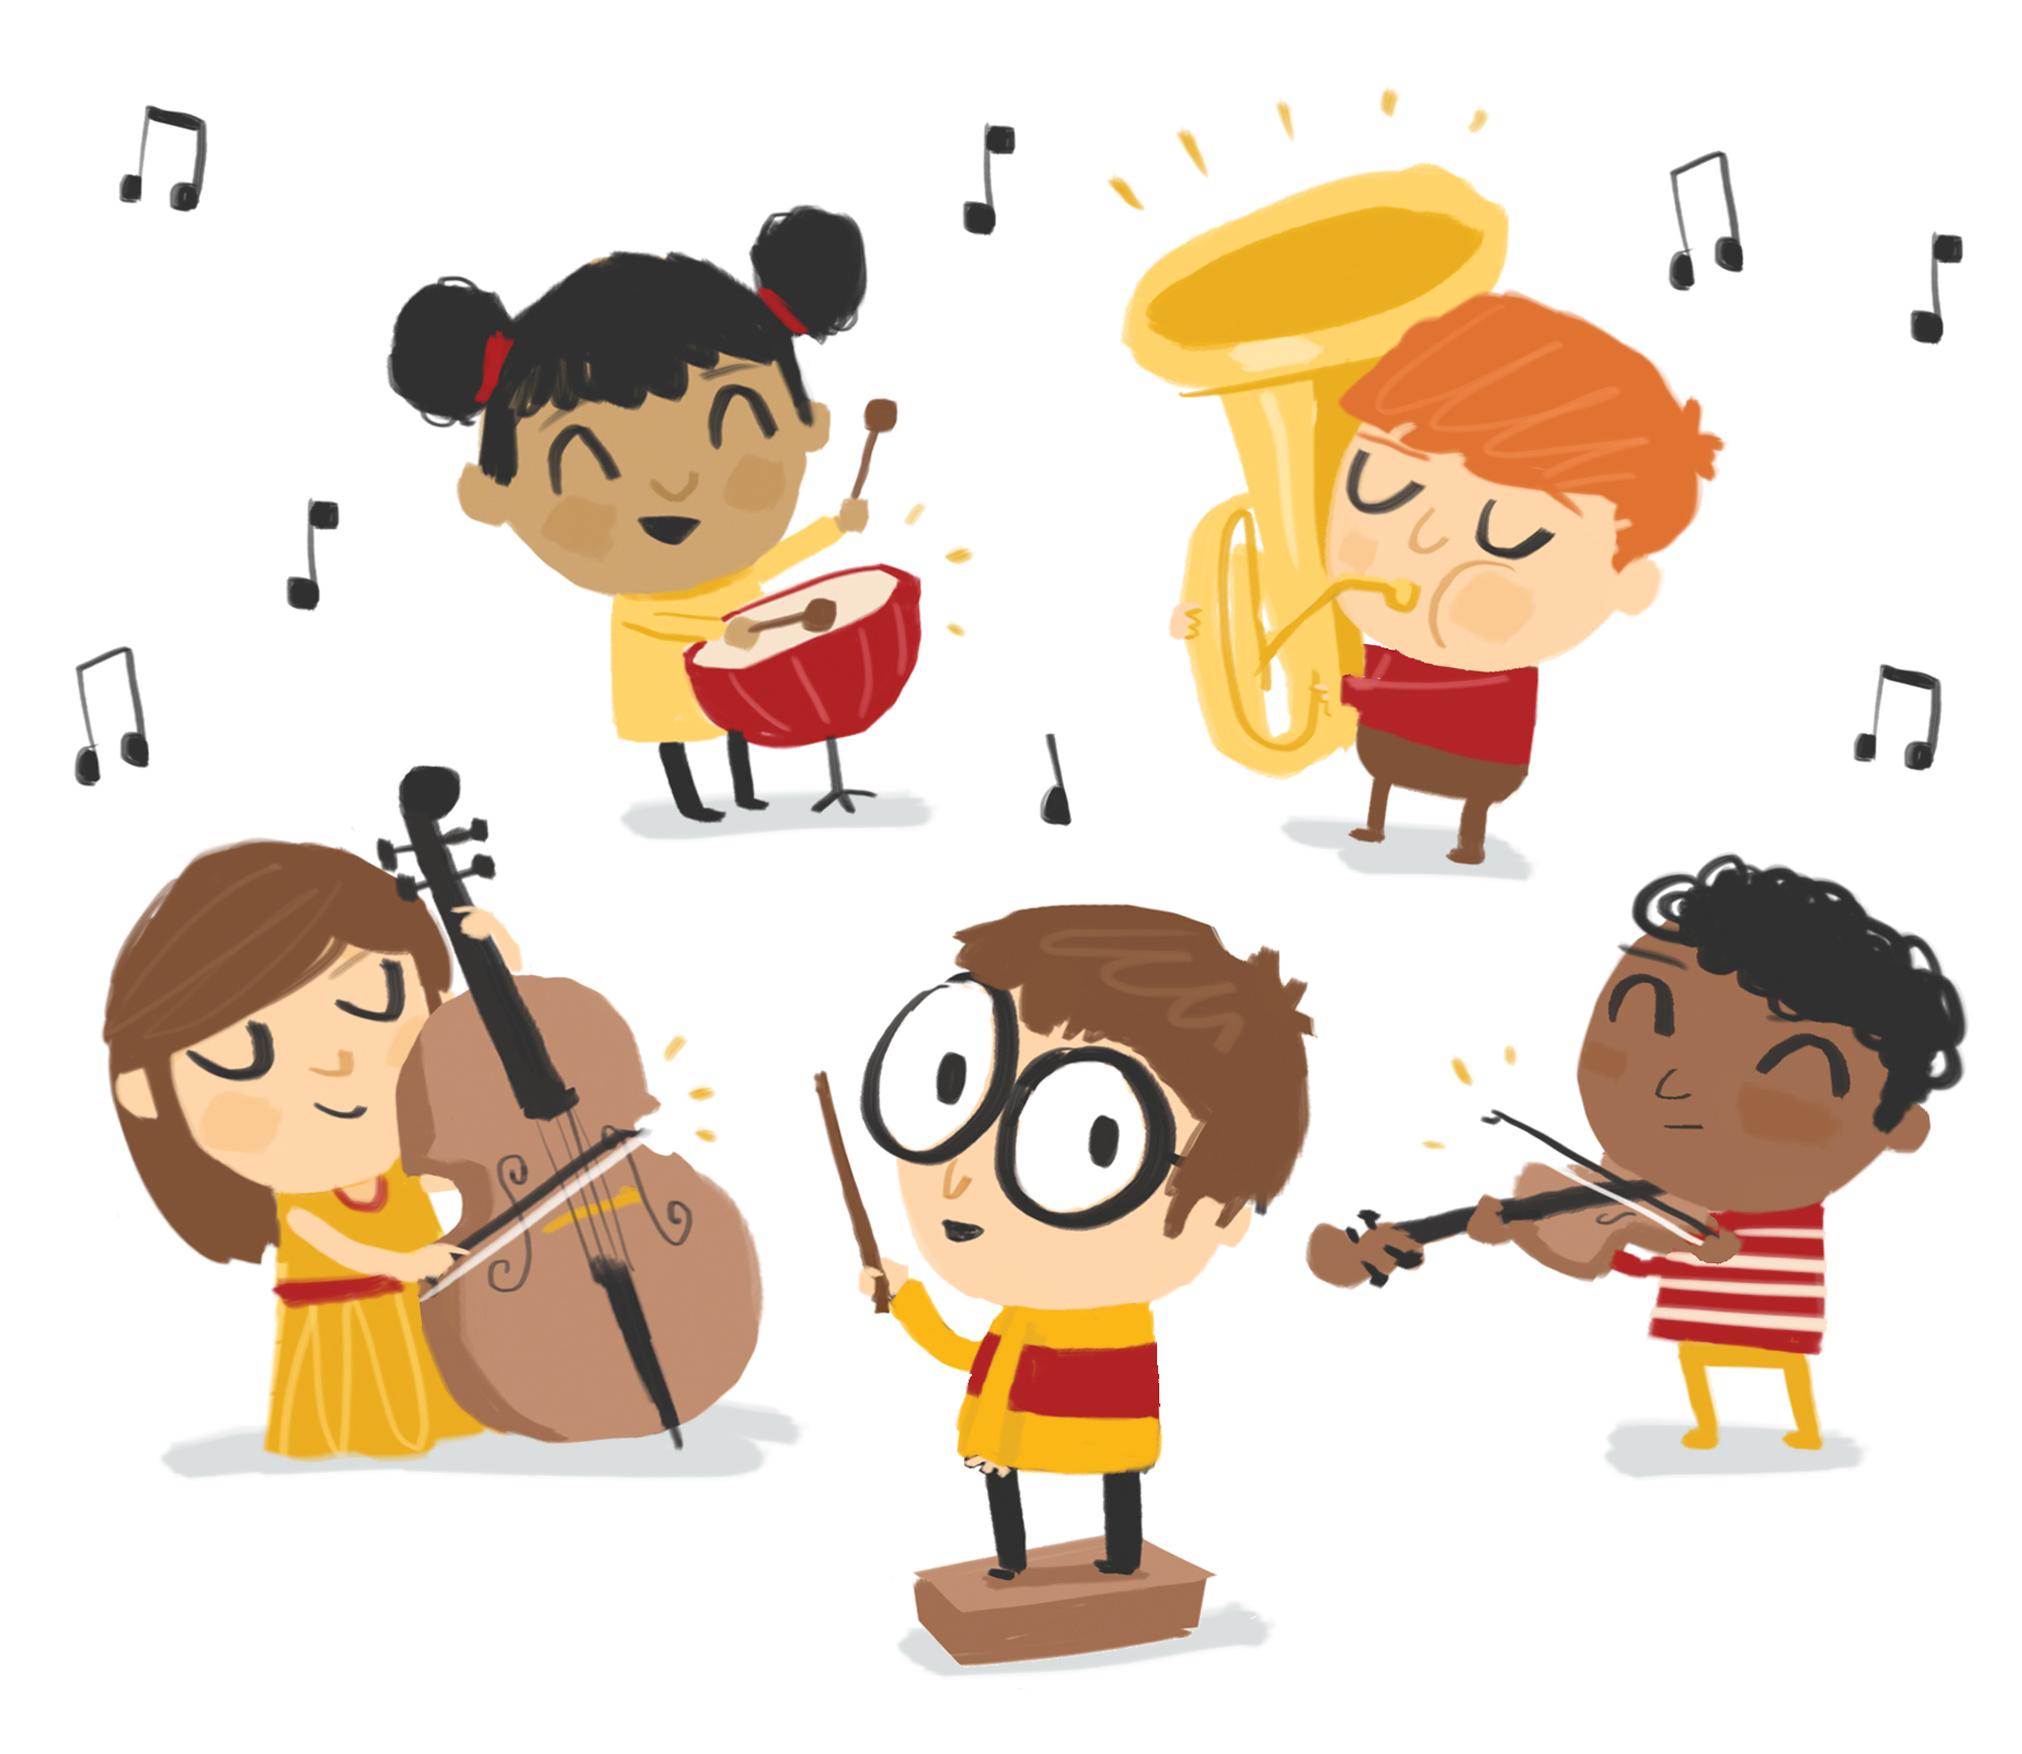 Âm nhạc giúp trẻ tăng tính kết nối và gắn kết